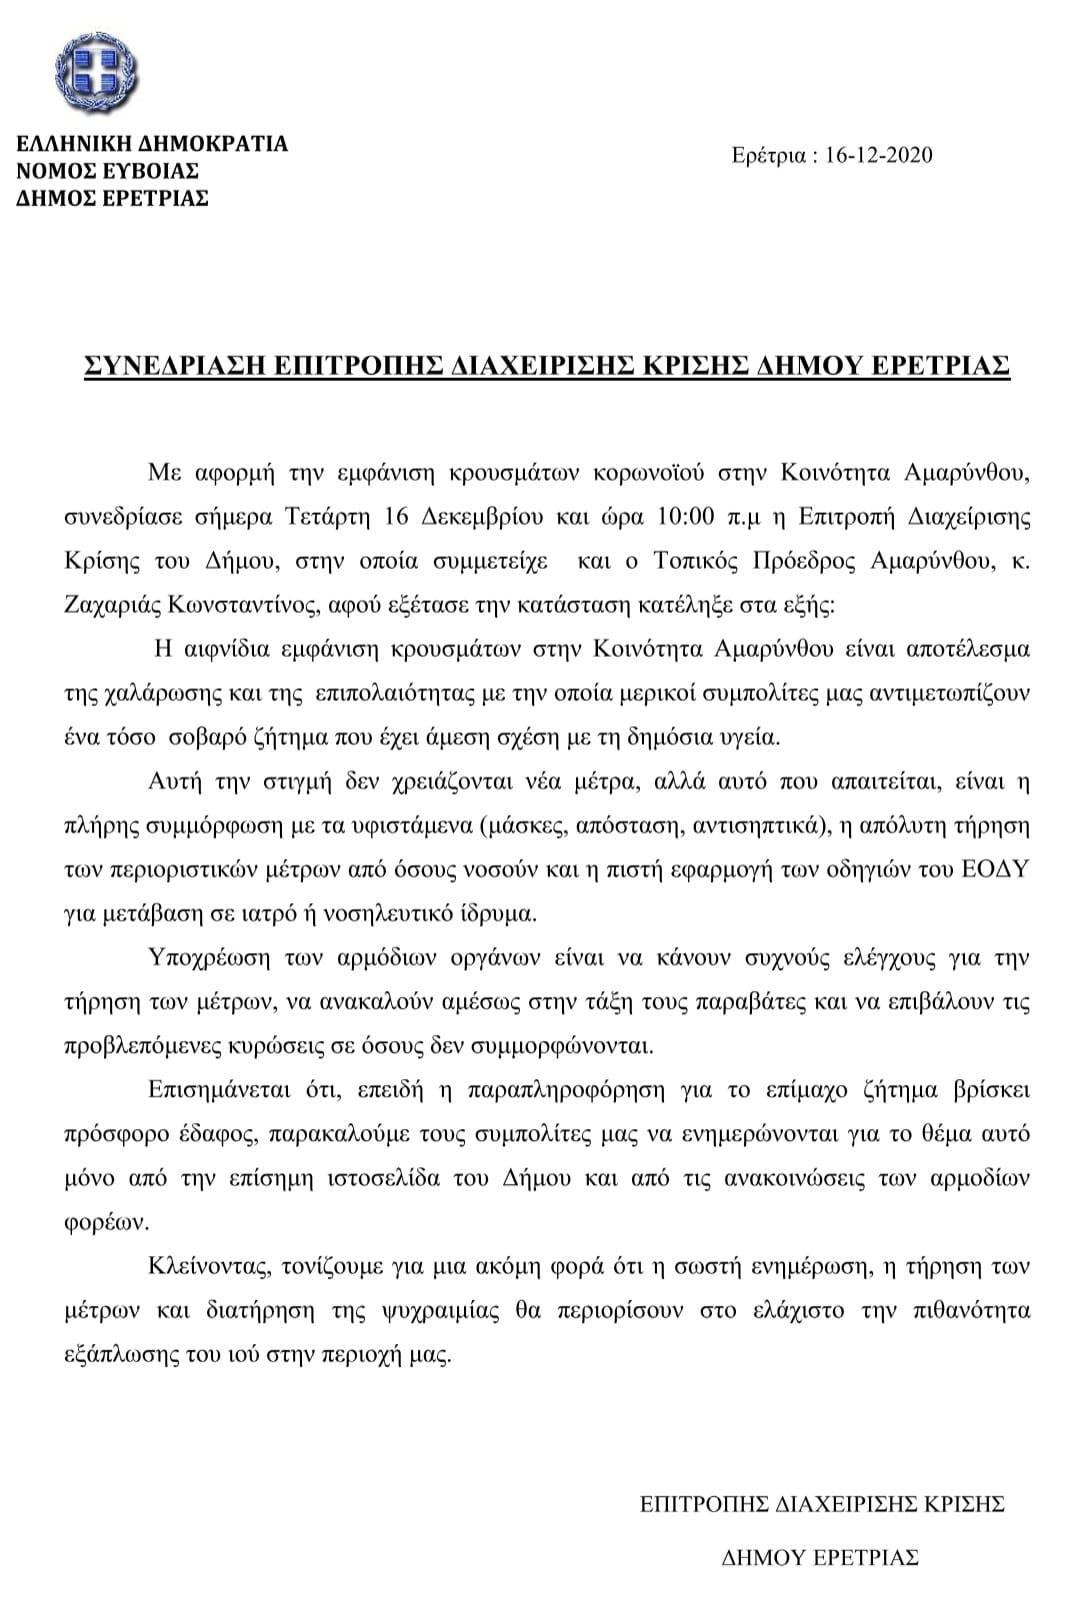 Επιβεβαιώνεται το eviathema.gr για ακόμη μια φορά, Αμάρυνθος Ευβοίας – Κορονοϊός: Επιβεβαιώνεται το eviathema.gr για τα θετικά κρούσματα – Έκτακτη συνεδρίασης της επιτροπής Covid 19, Eviathema.gr   ΕΥΒΟΙΑ ΝΕΑ - Νέα και ειδήσεις από όλη την Εύβοια